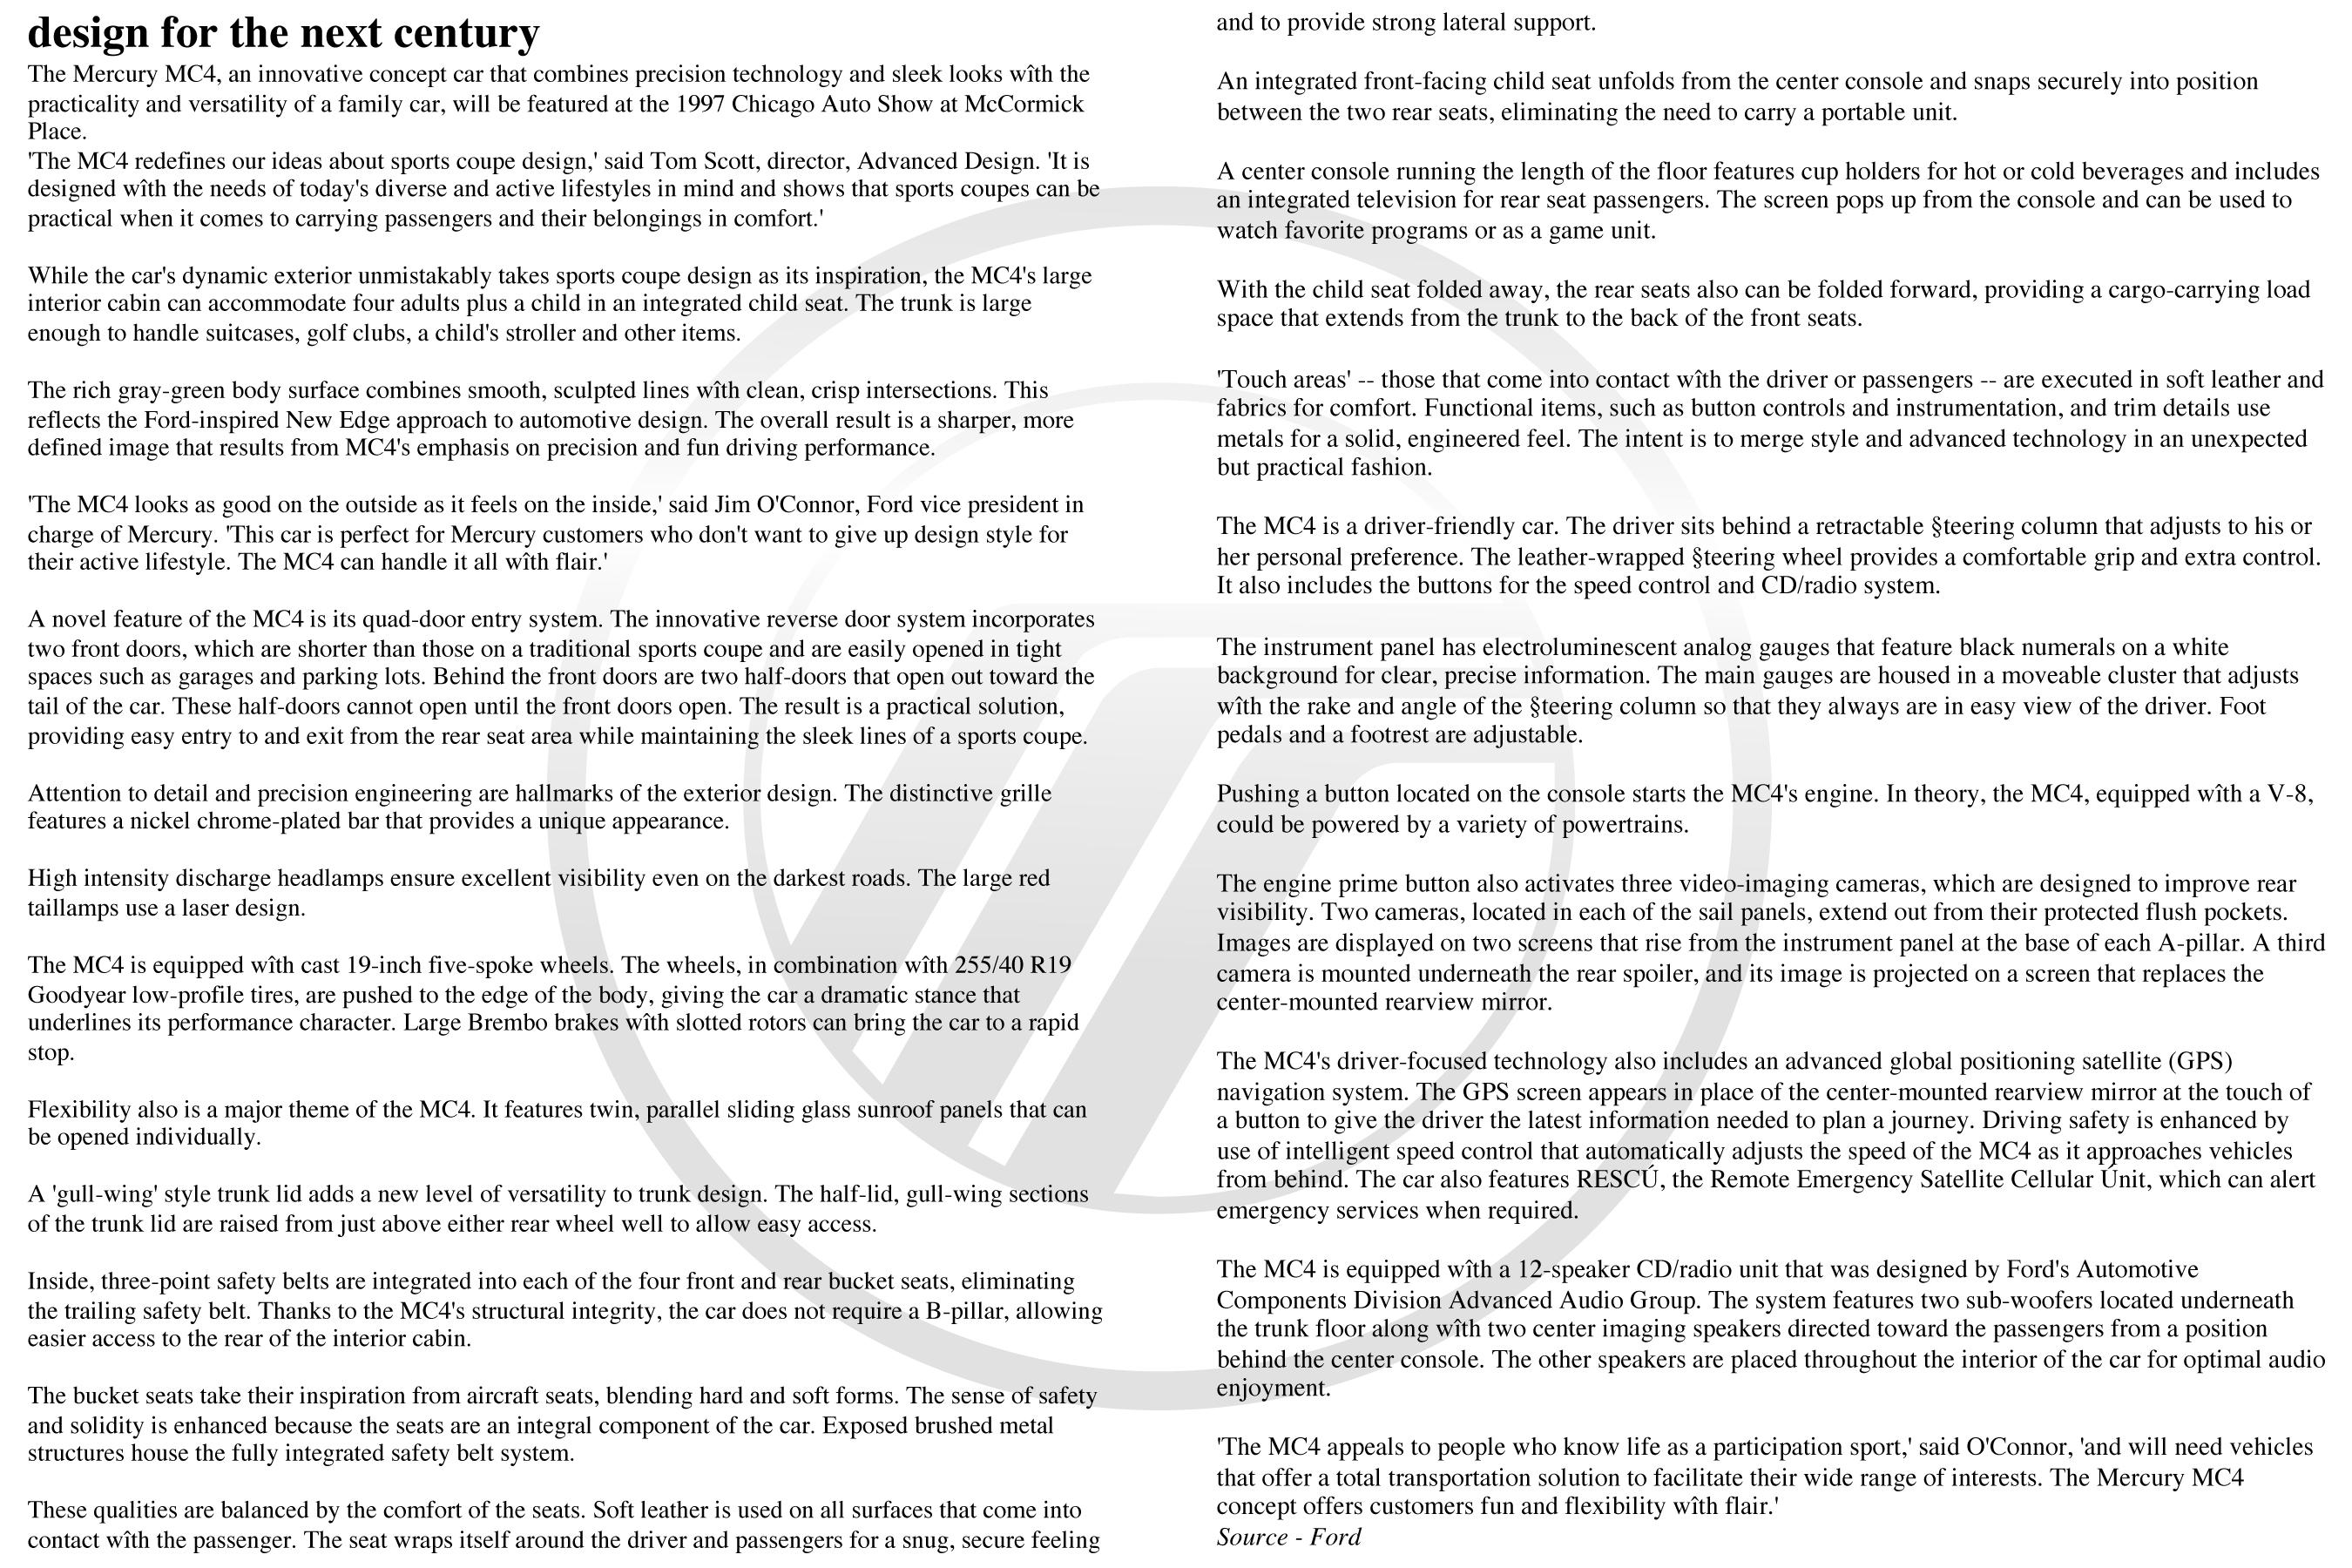 MC4 Press Release